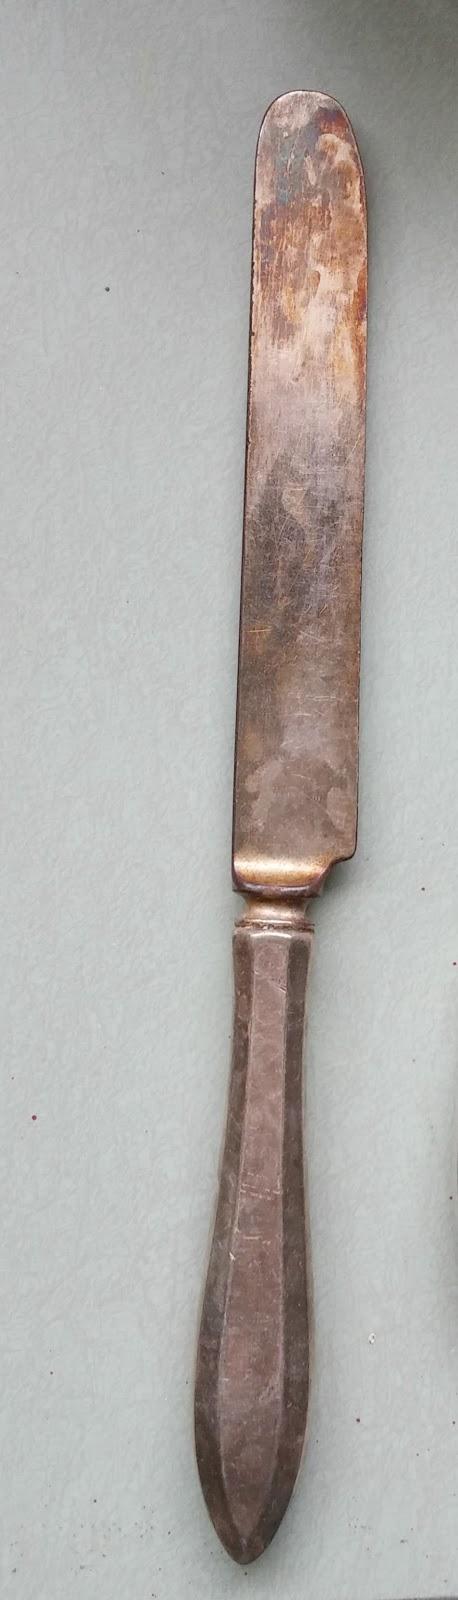 vintage silver knife